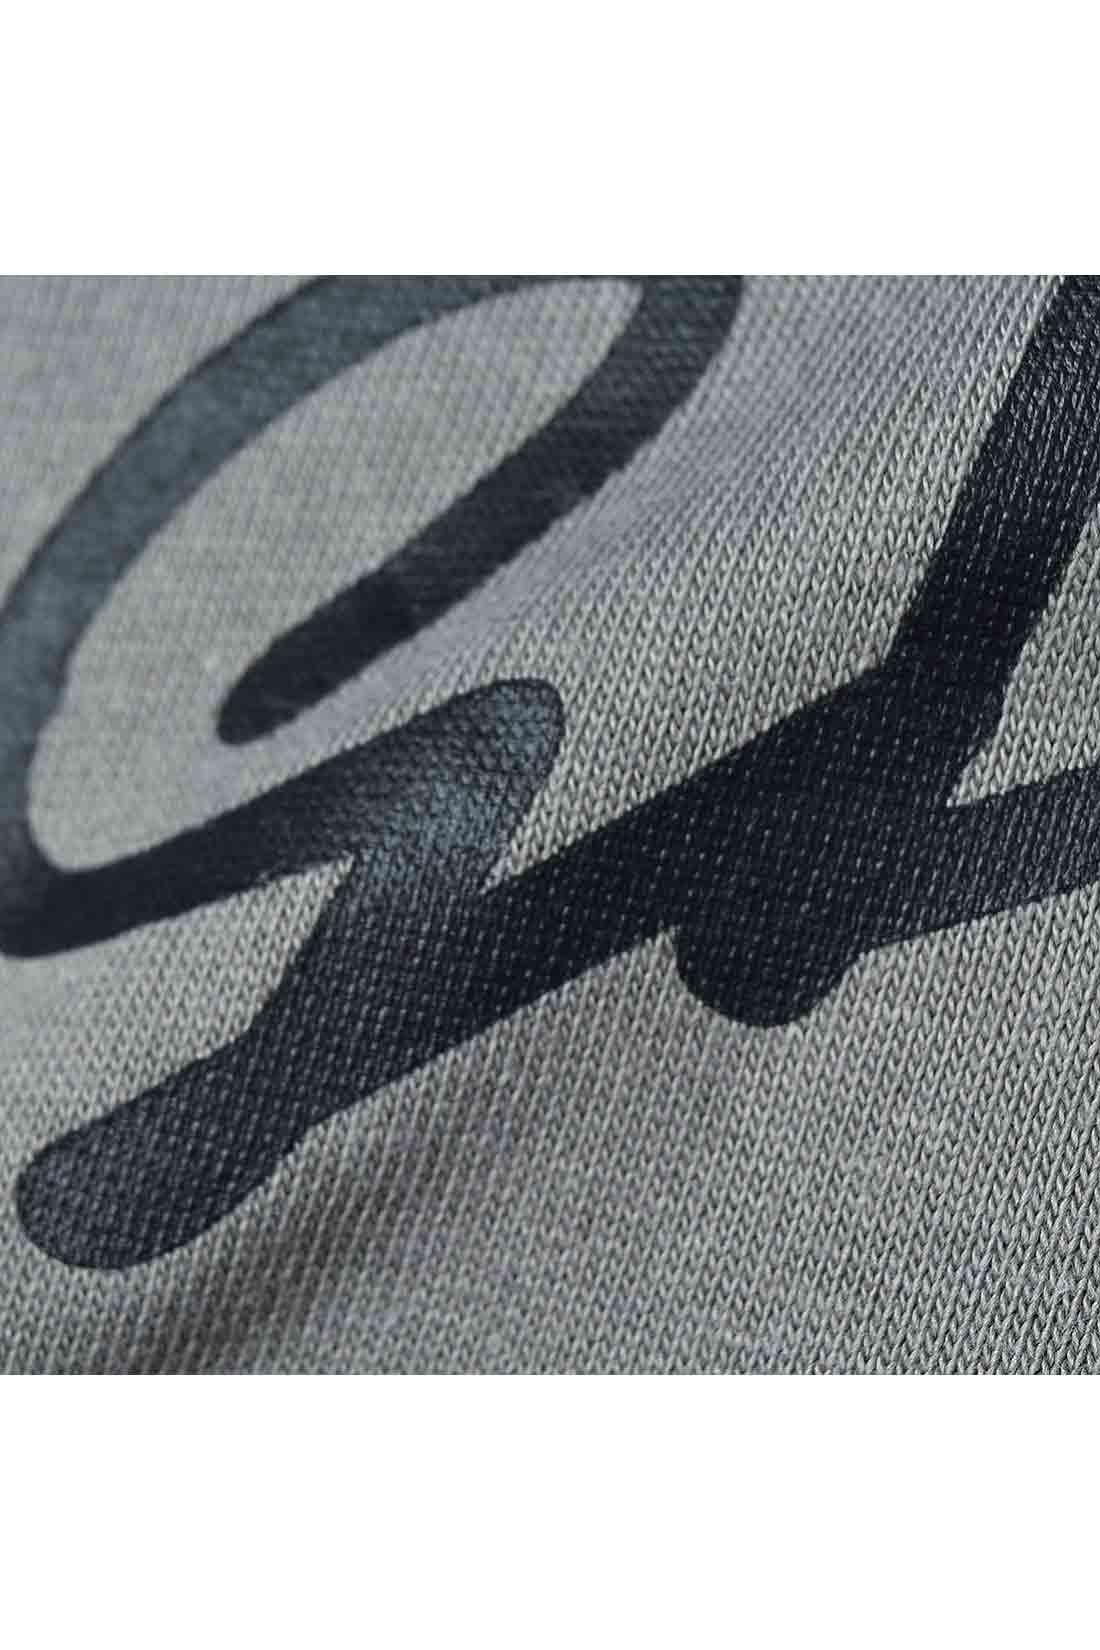 スタイリッシュなロゴデザインのプリントは、大人っぽいマットラバーの光沢感。